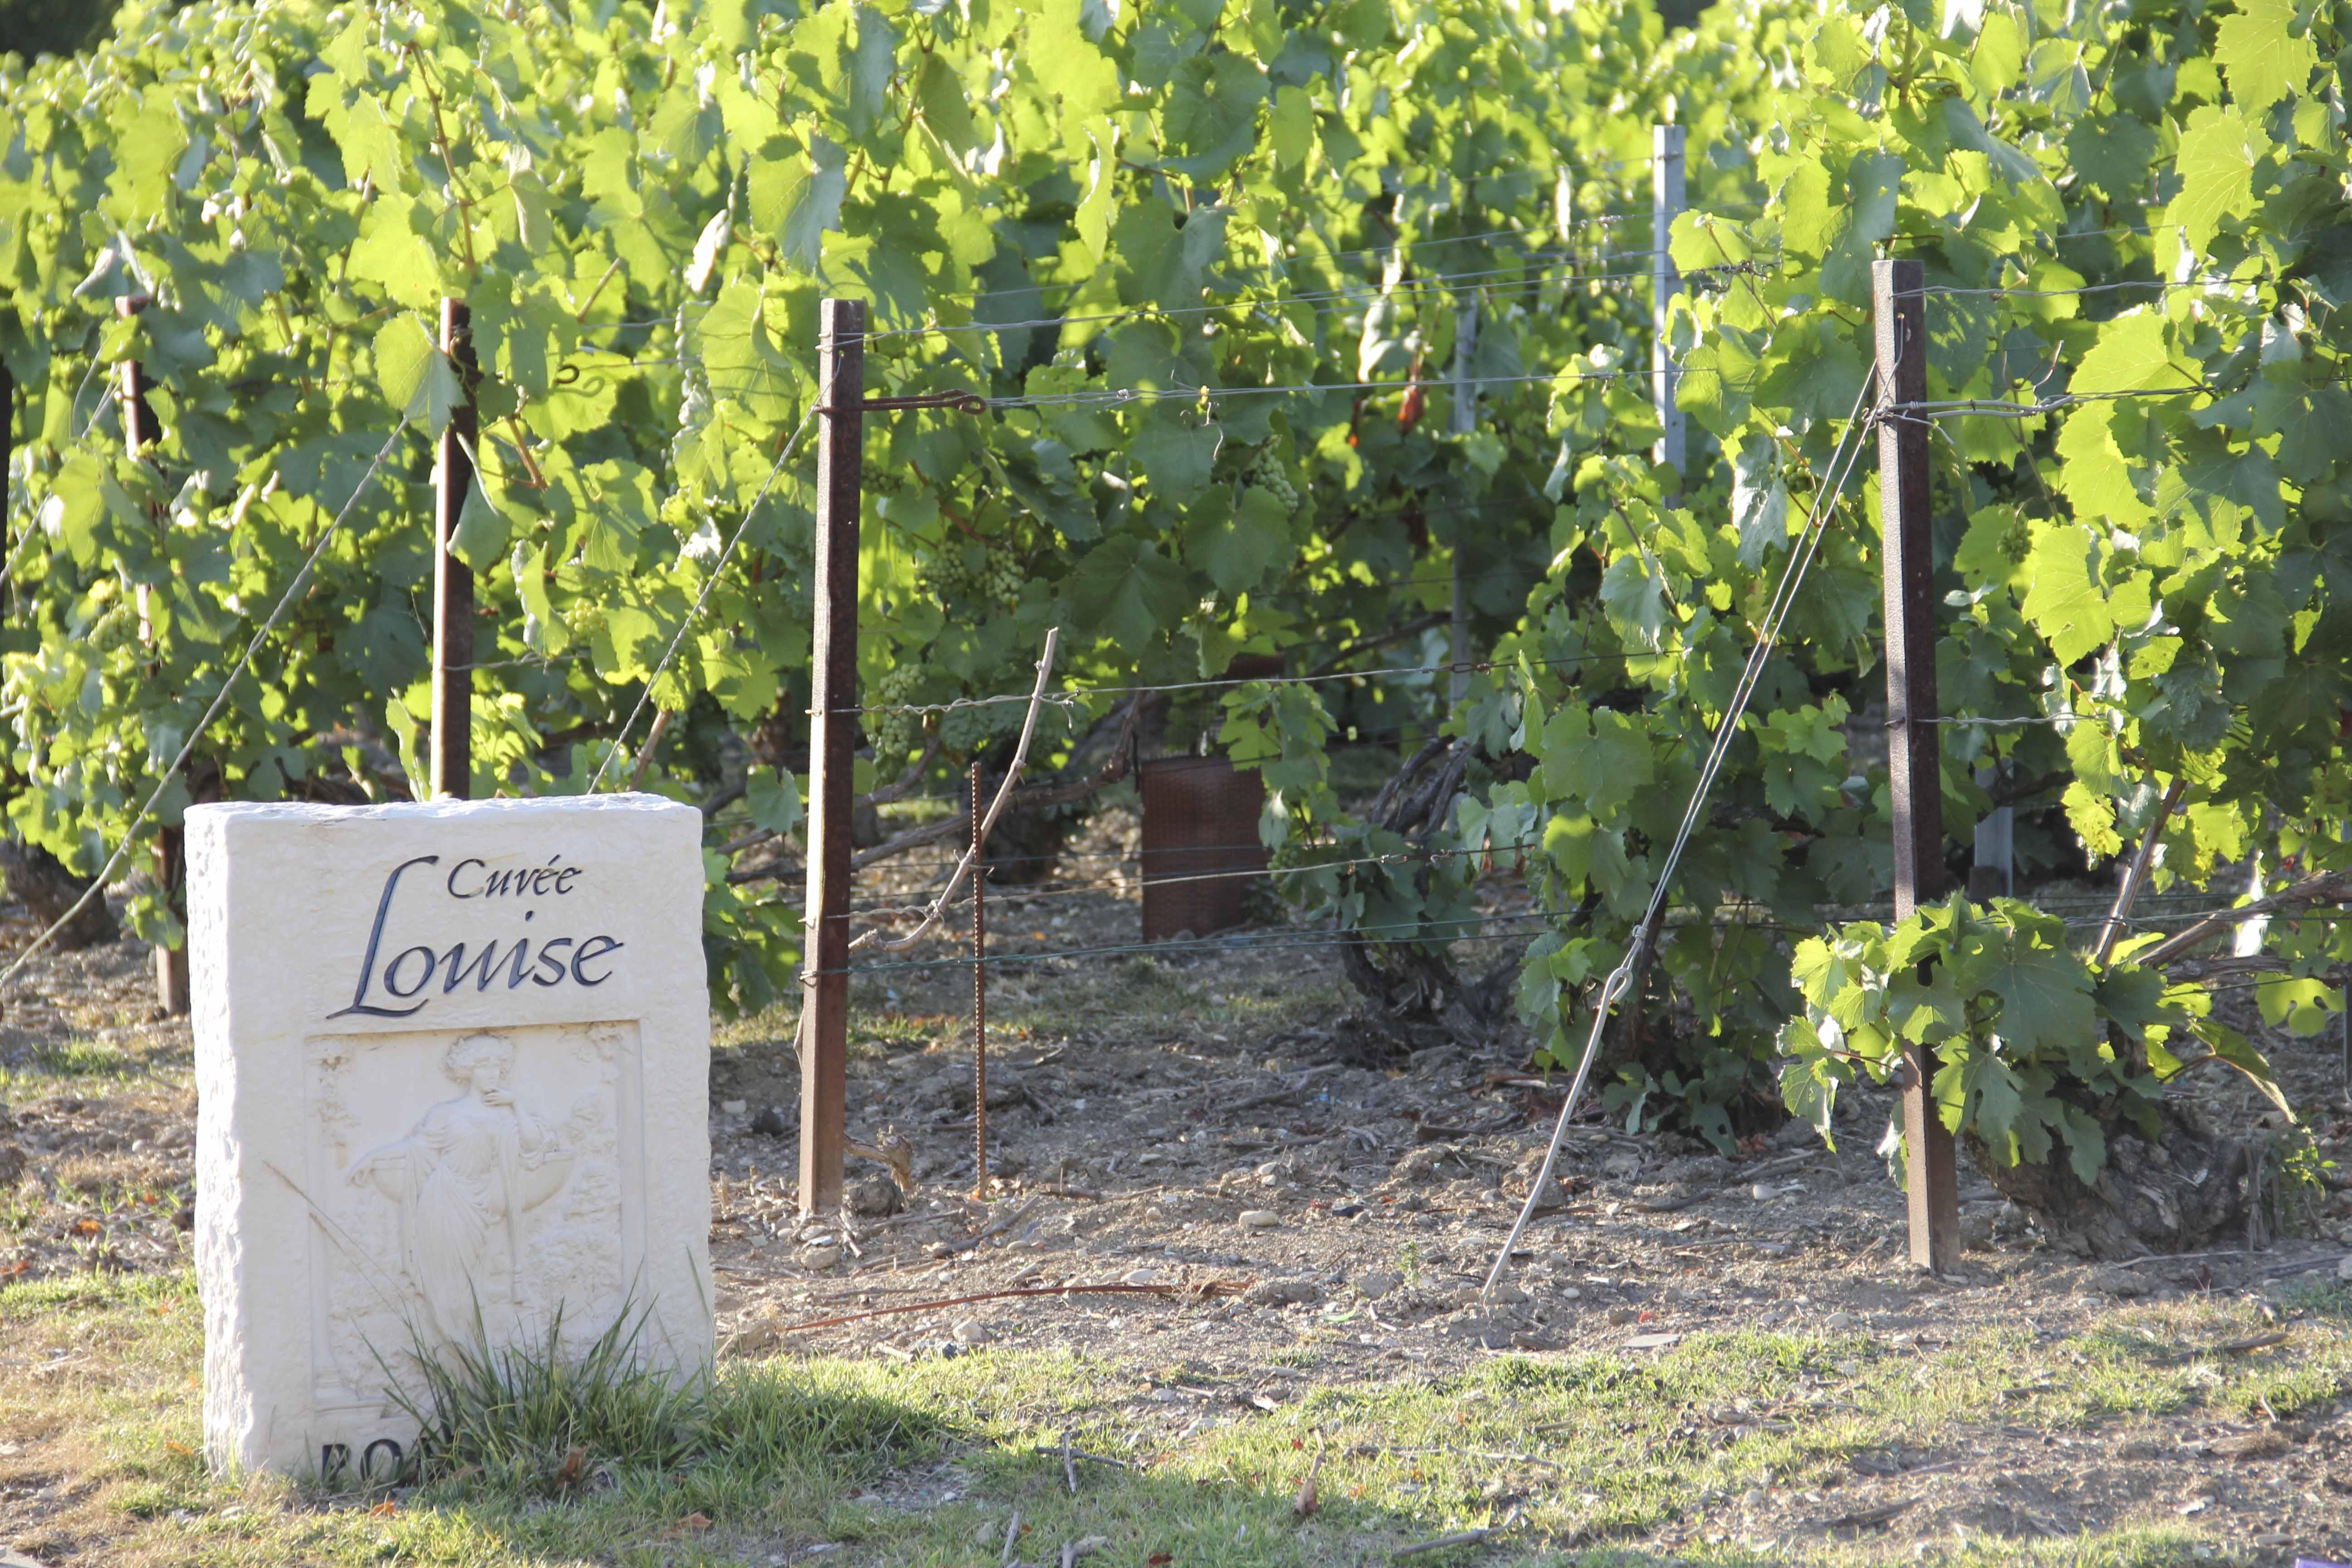 GenussSucht_5-jahre-Leben-Wein-und-Champagne-ein-Rueckblick5711_1